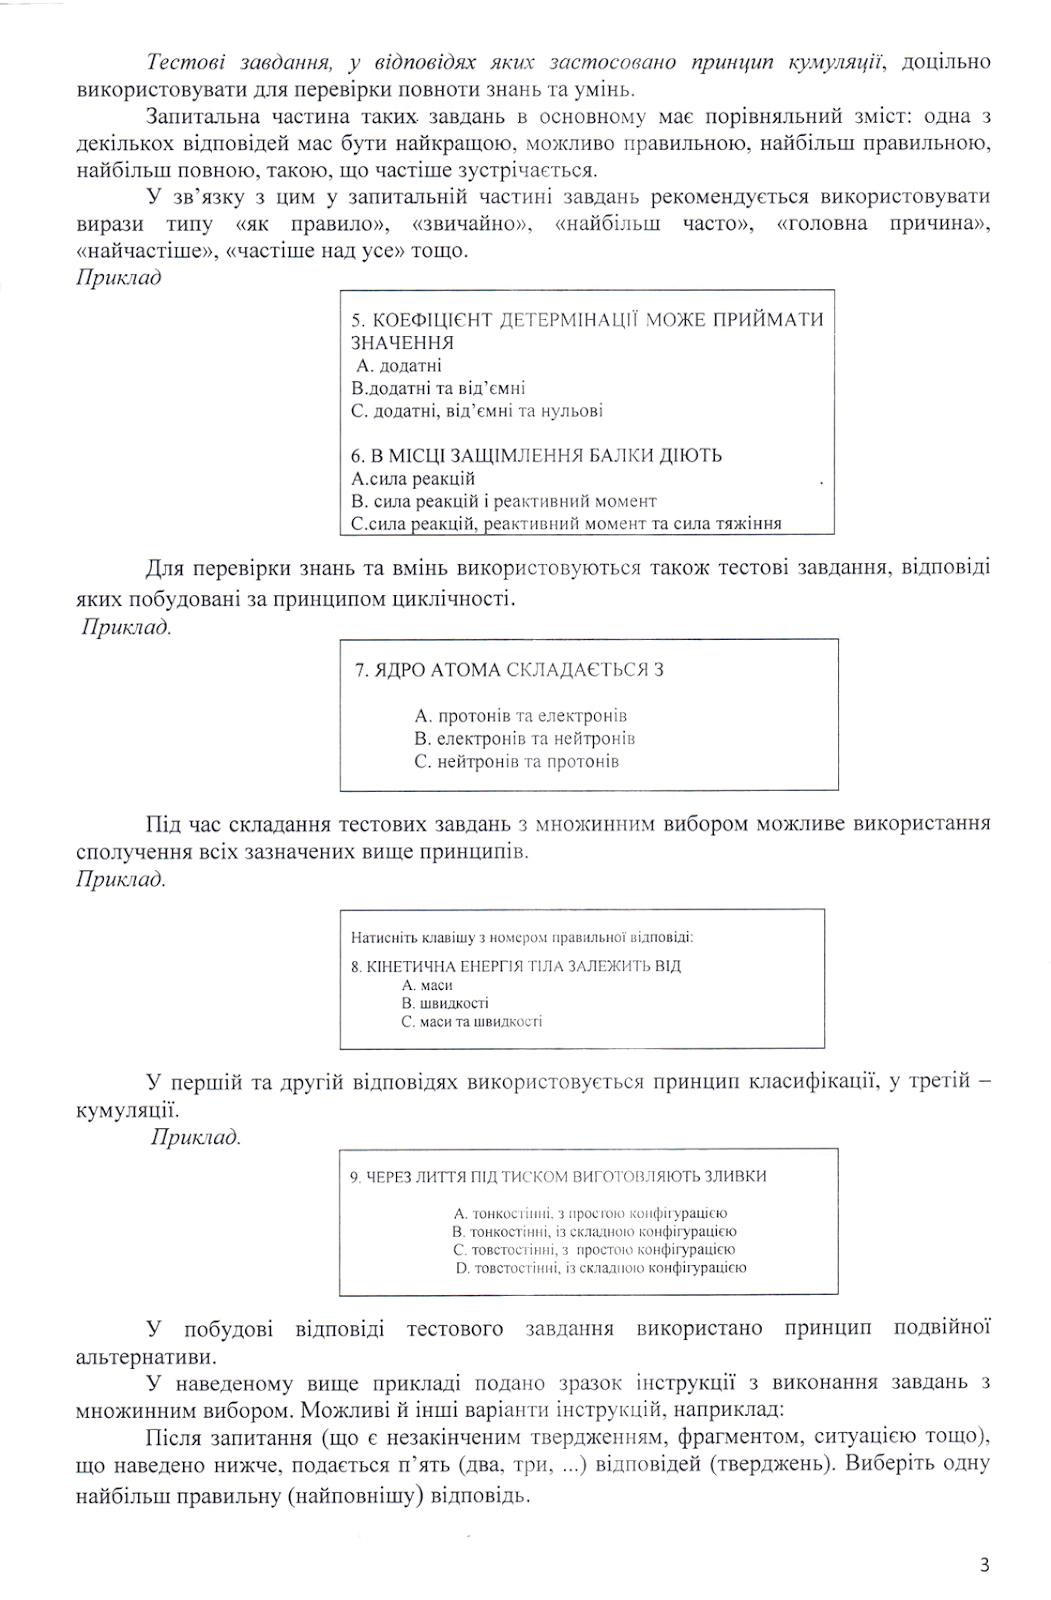 C:\Documents and Settings\Admin\Мои документы\Мои рисунки\тести0003.jpg